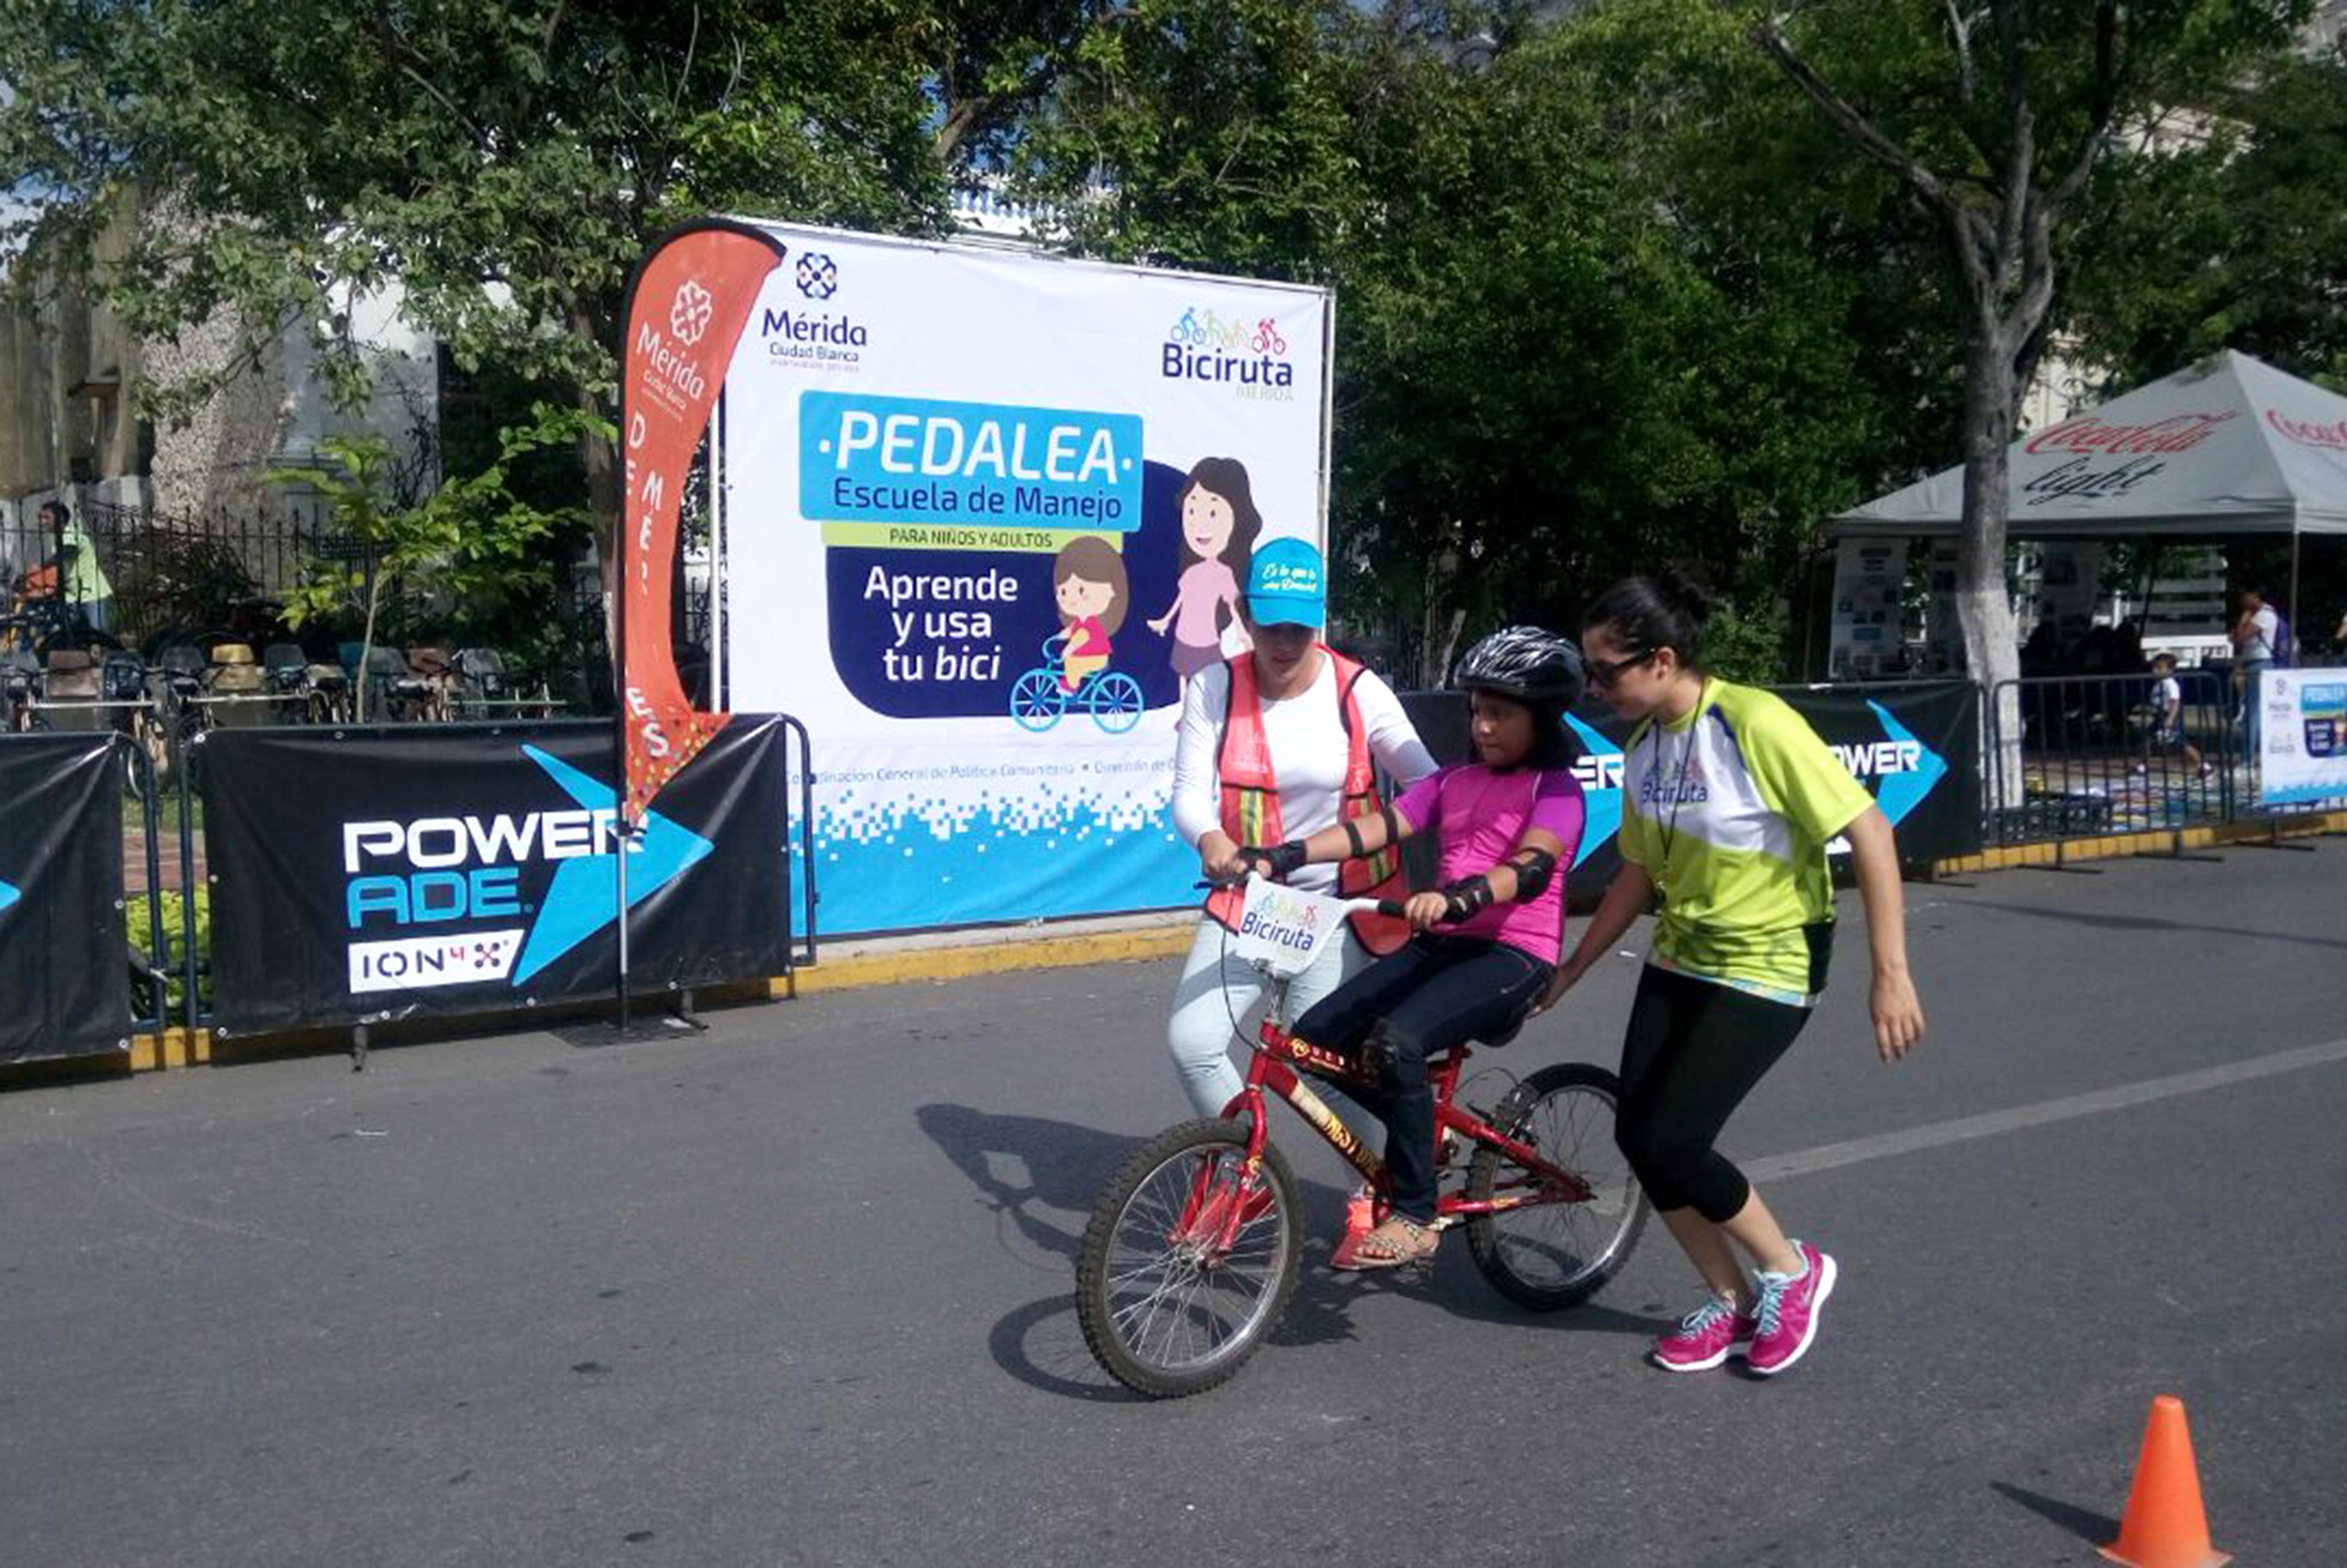 'Pedalea', opción de aprendizaje en bicicleta